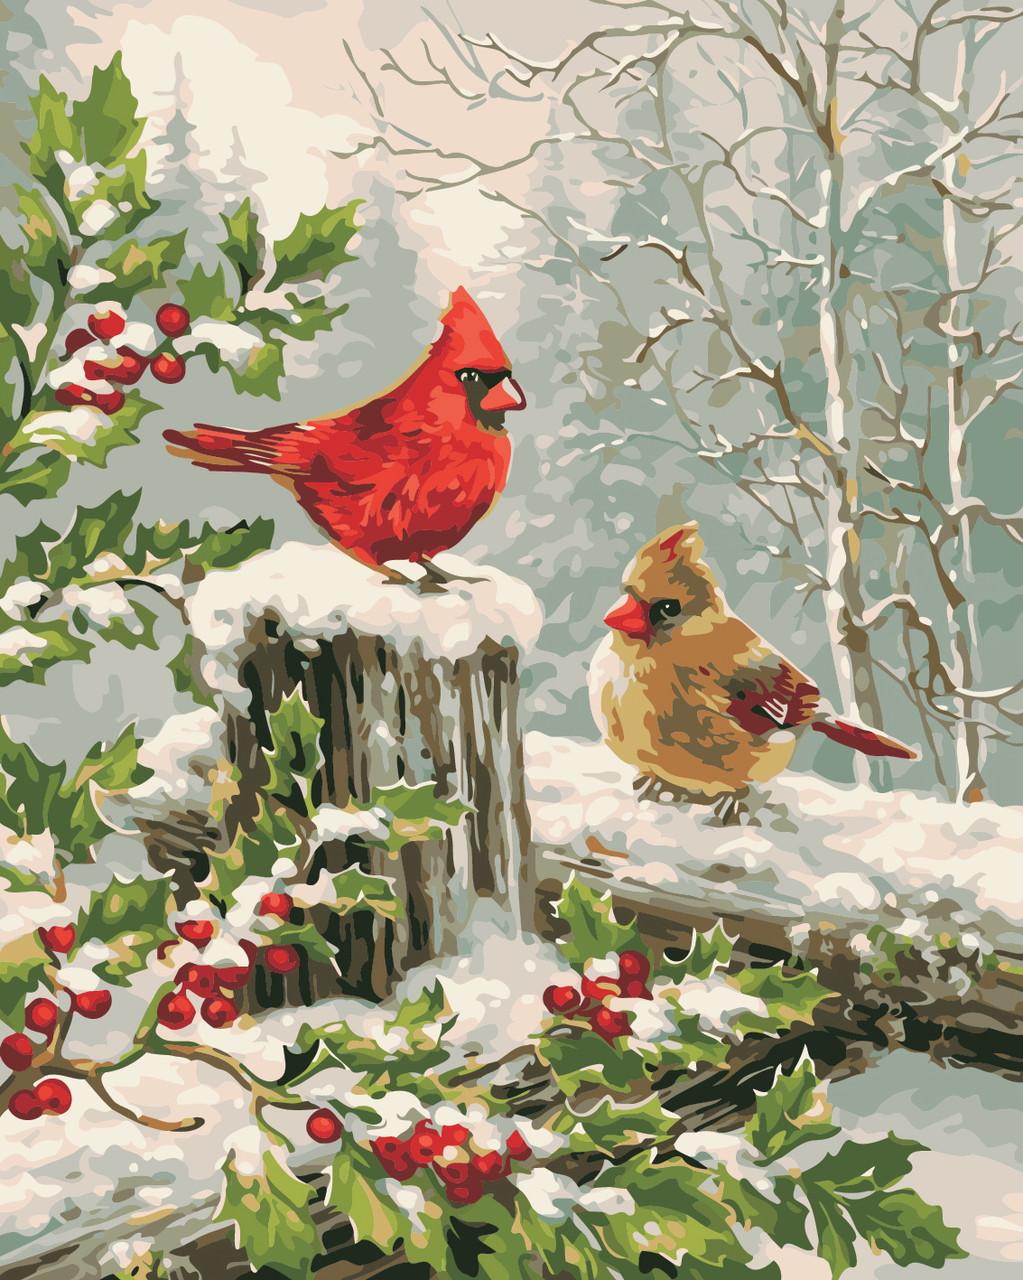 Художественный творческий набор, картина по номерам Зимние птички, 40x50 см, «Art Story» (AS0415)